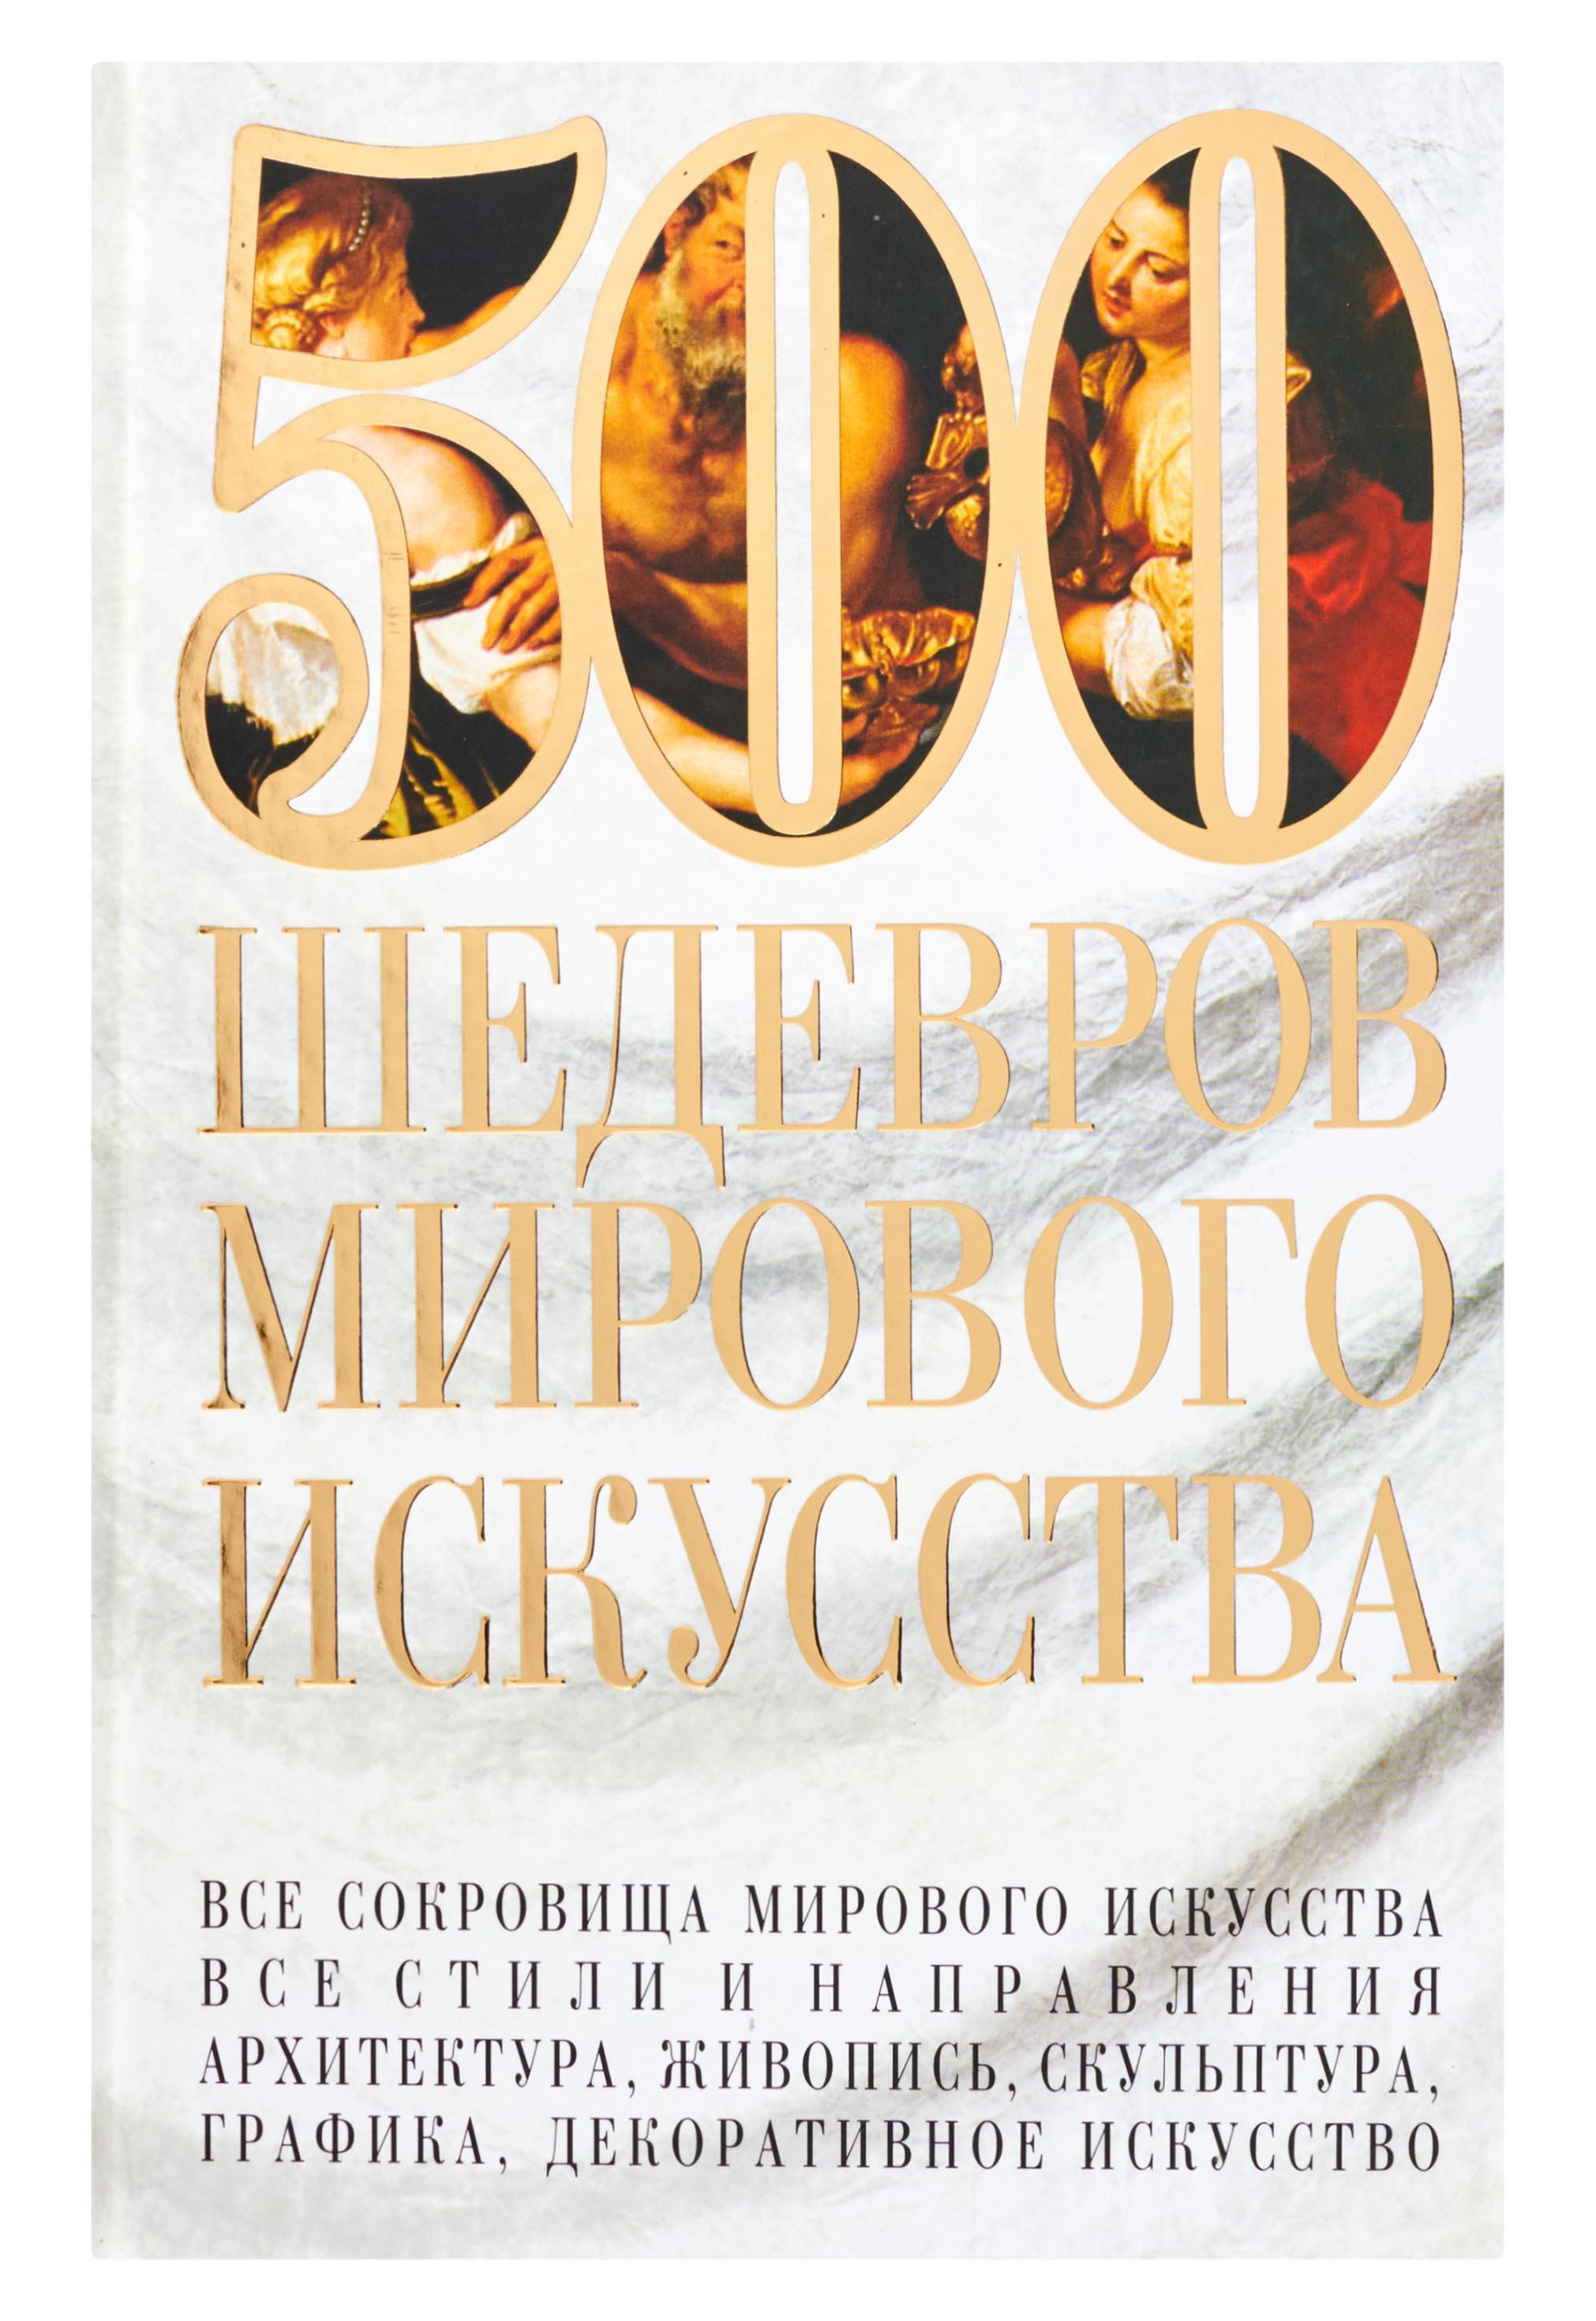 Адамчик Мирослав Вячеславович 500 шедевров мирового искусства